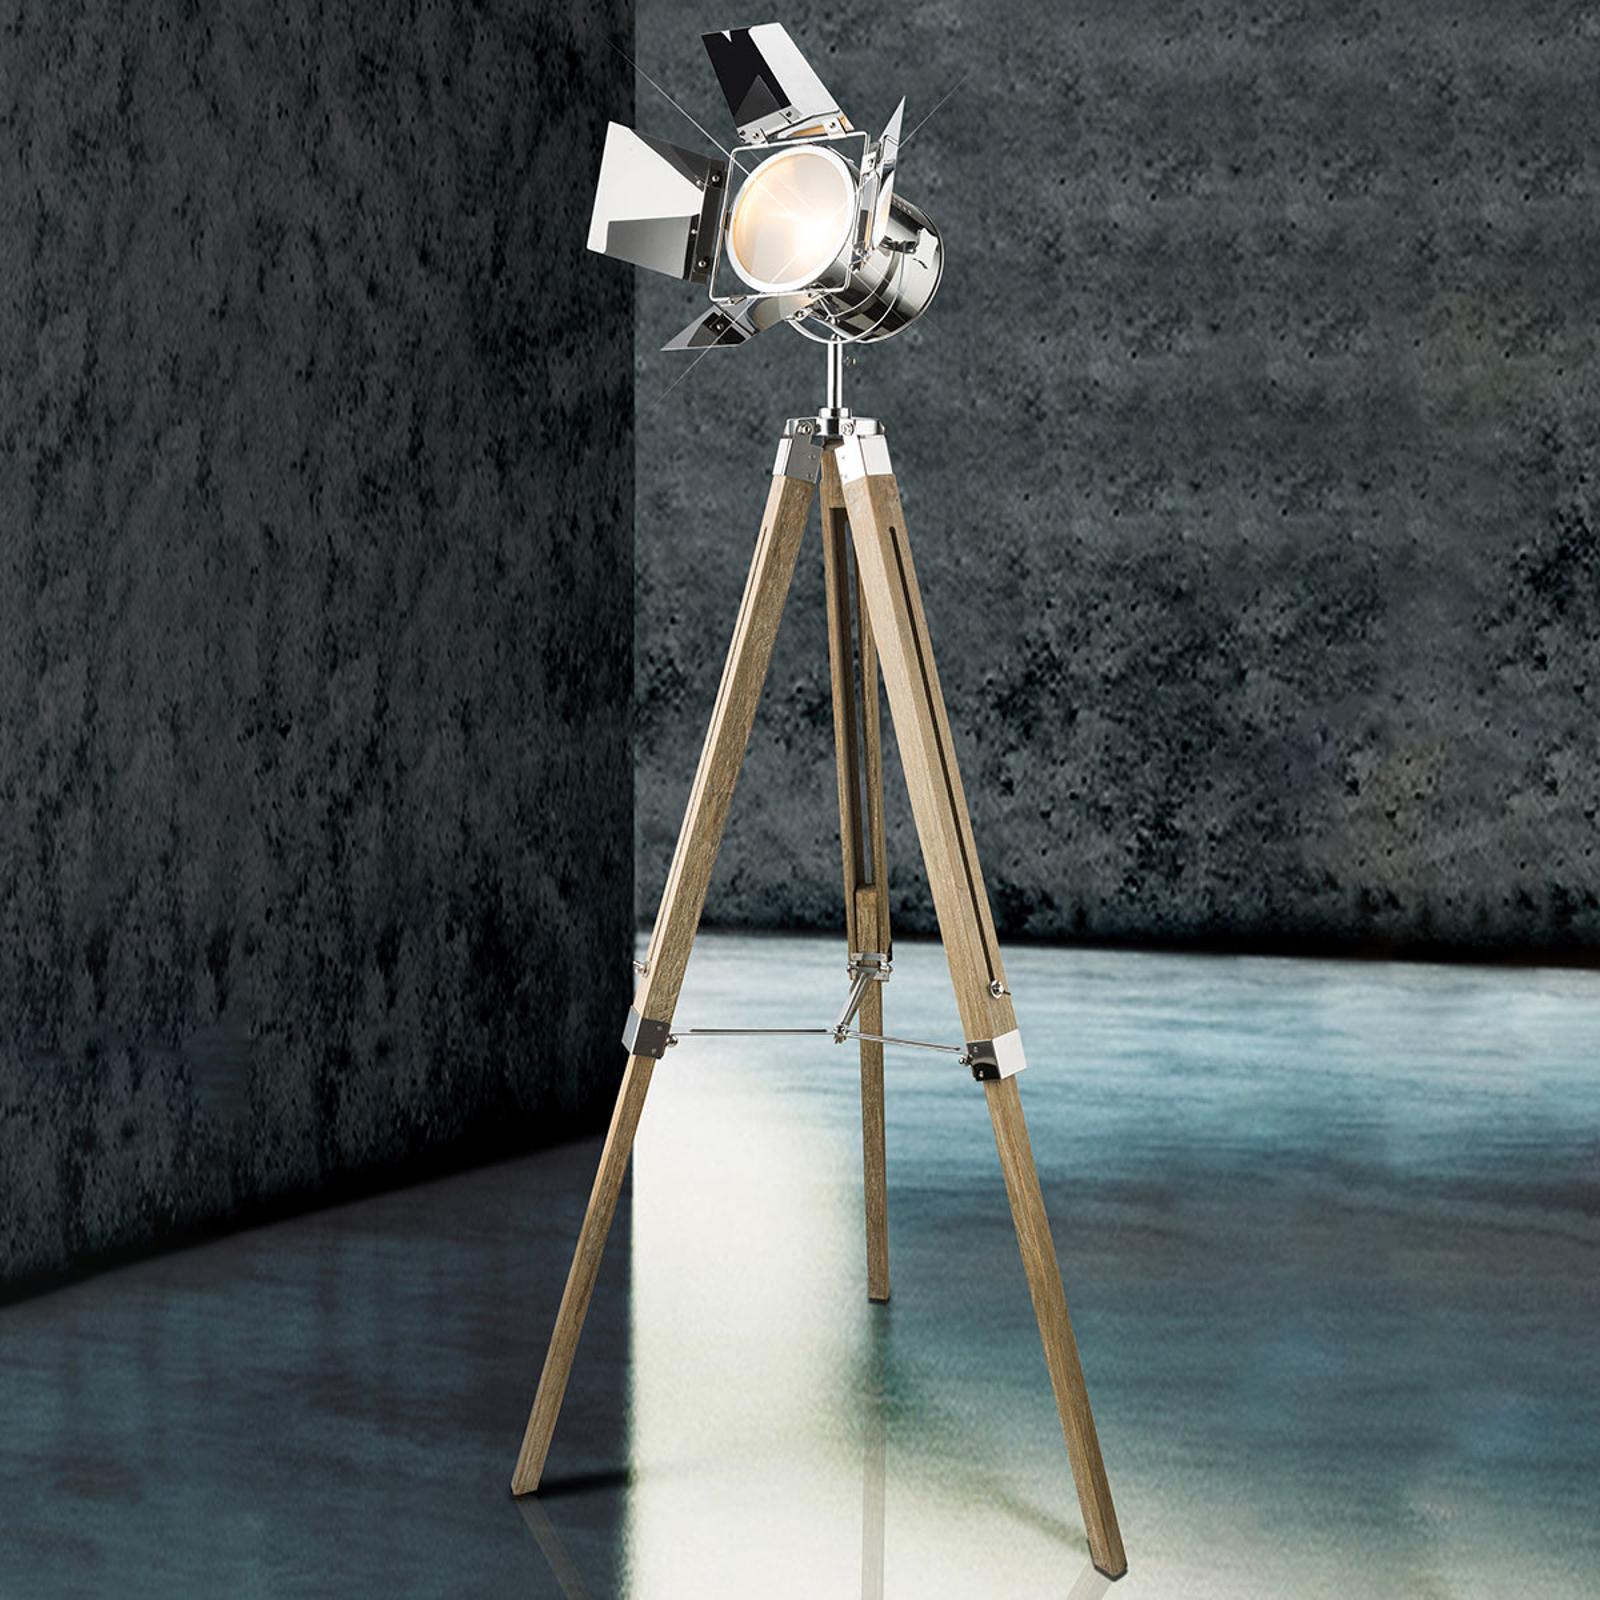 Drewniana lampa stojąca Evy z reflektorem